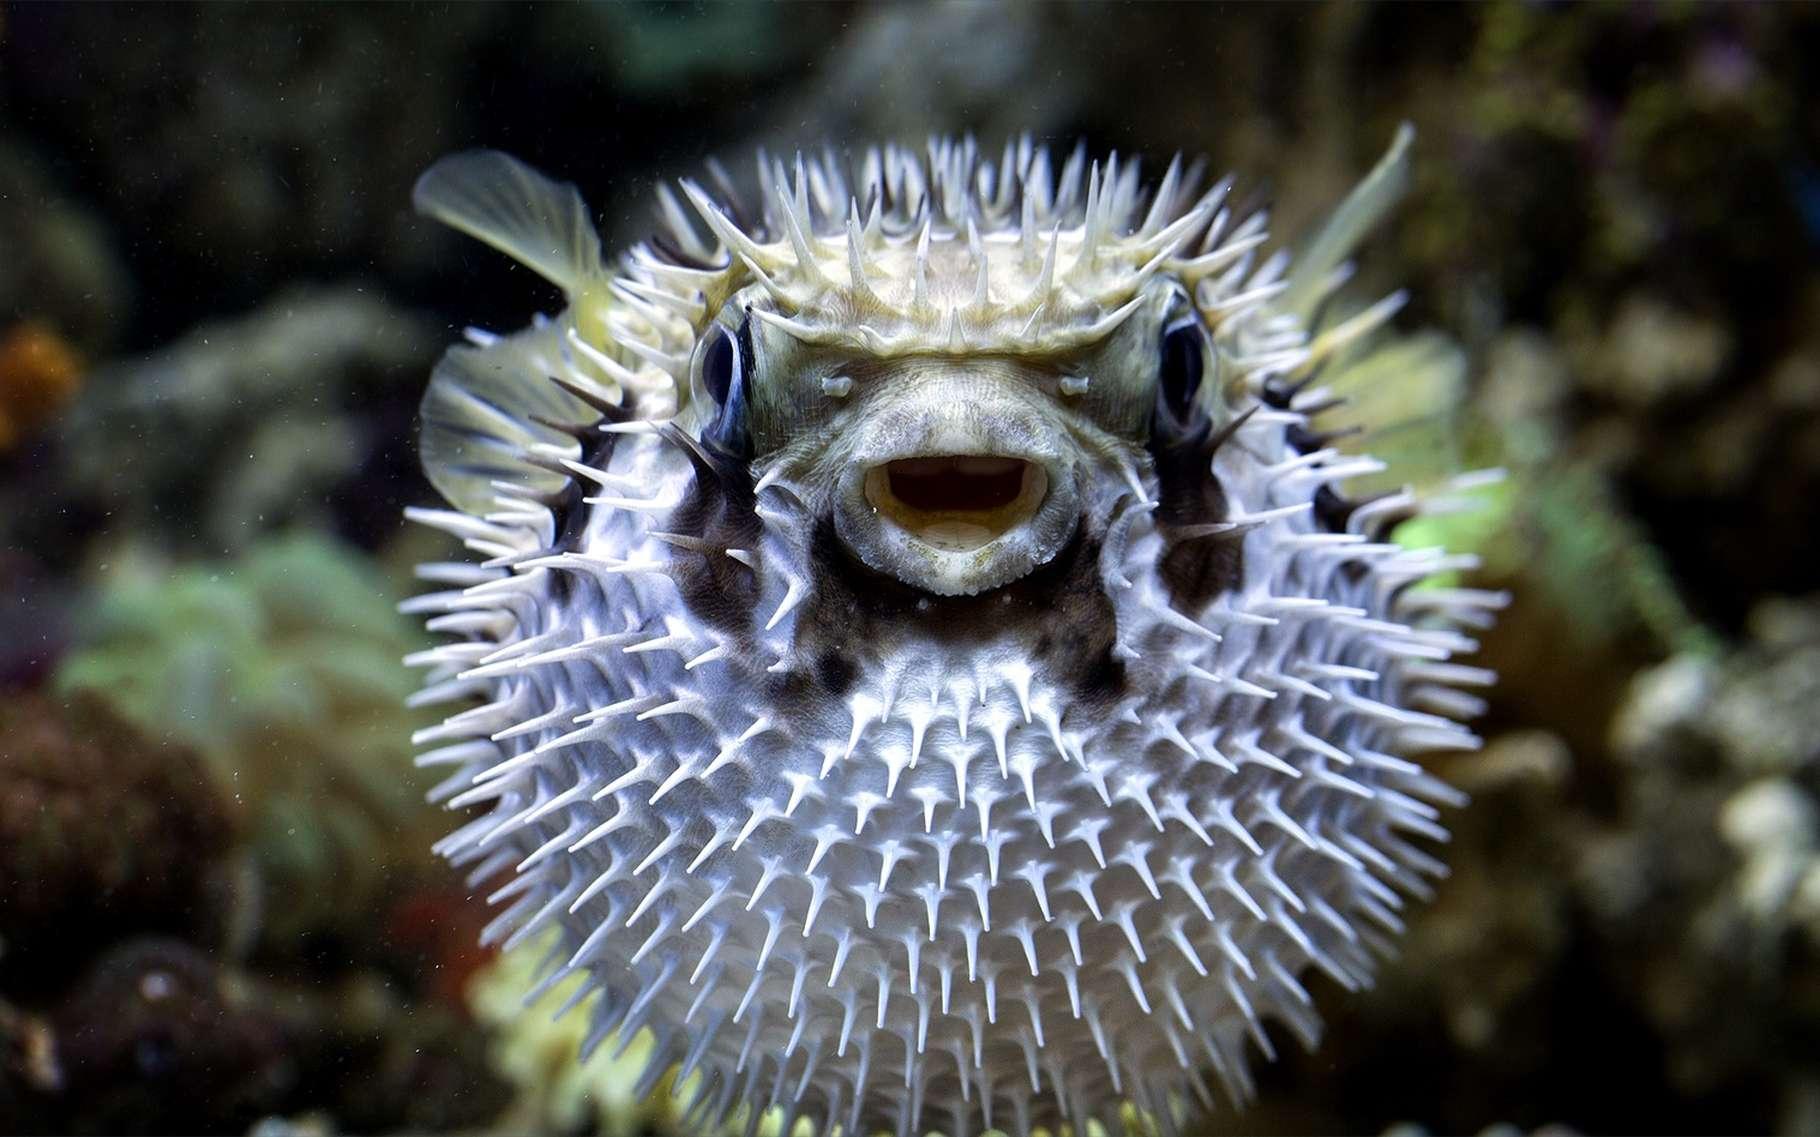 Le fugu est un aliment qui peut être dangereux. Il contient de la tétradotoxine, qui est mortelle. © Aries Sutanto, Shutterstock